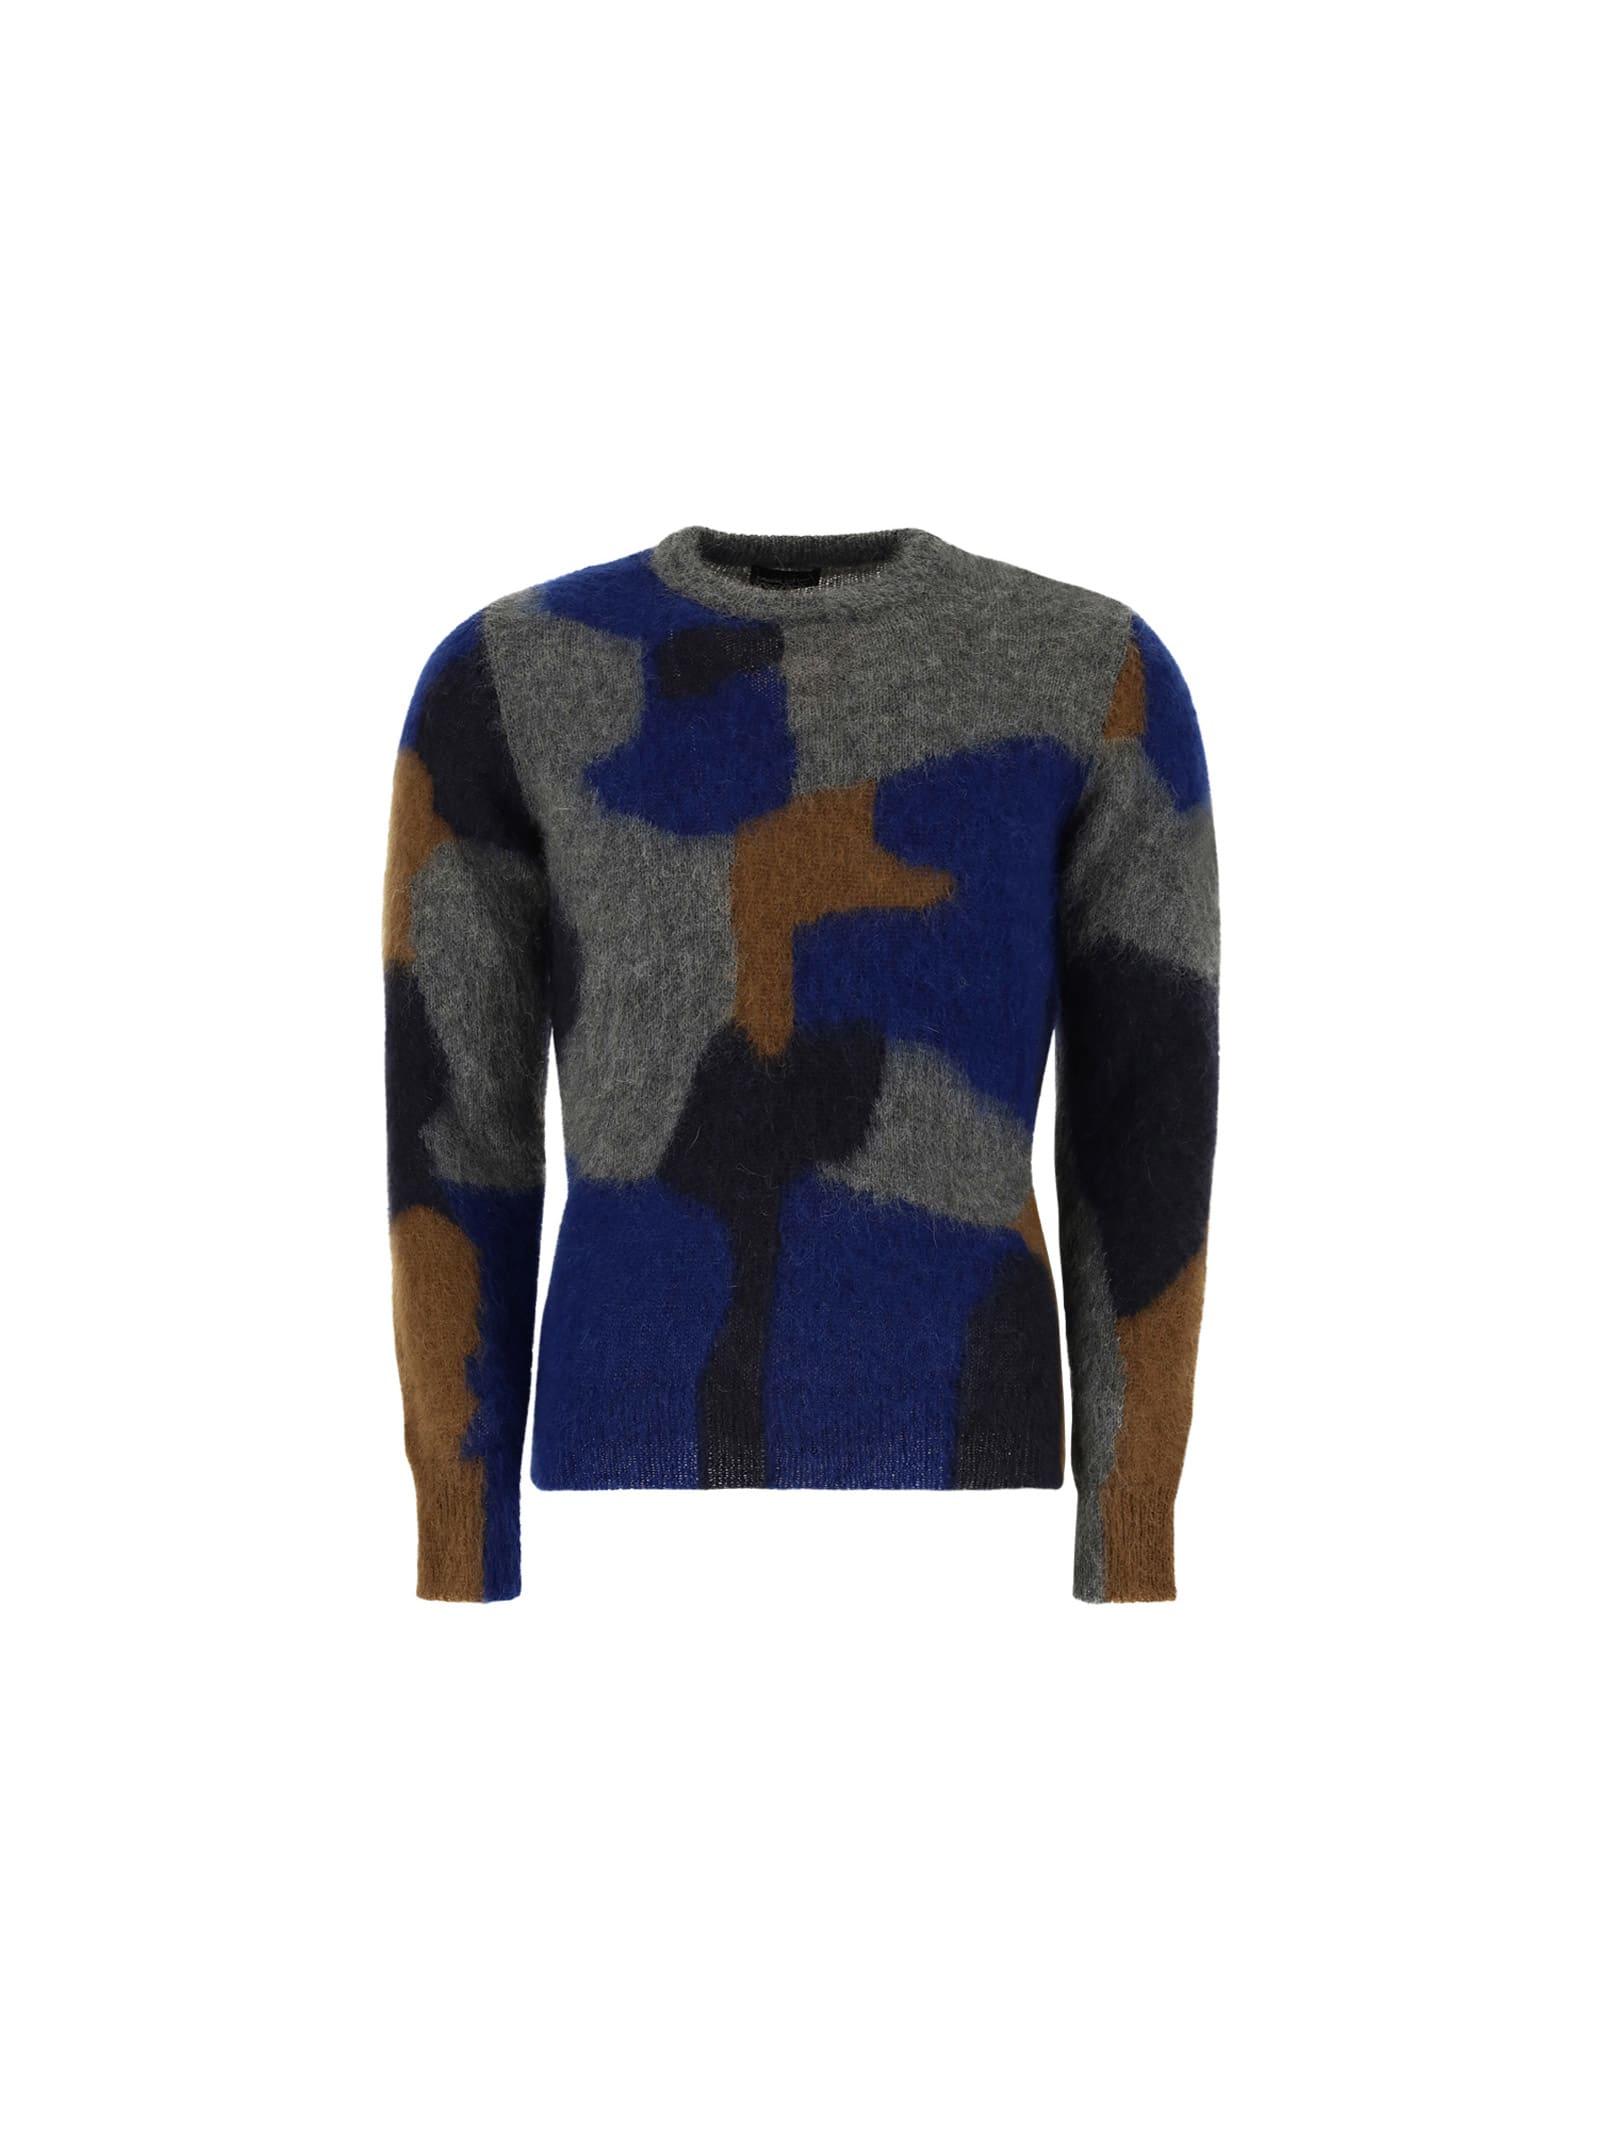 Roberto Collina Sweater In Blu/grigio